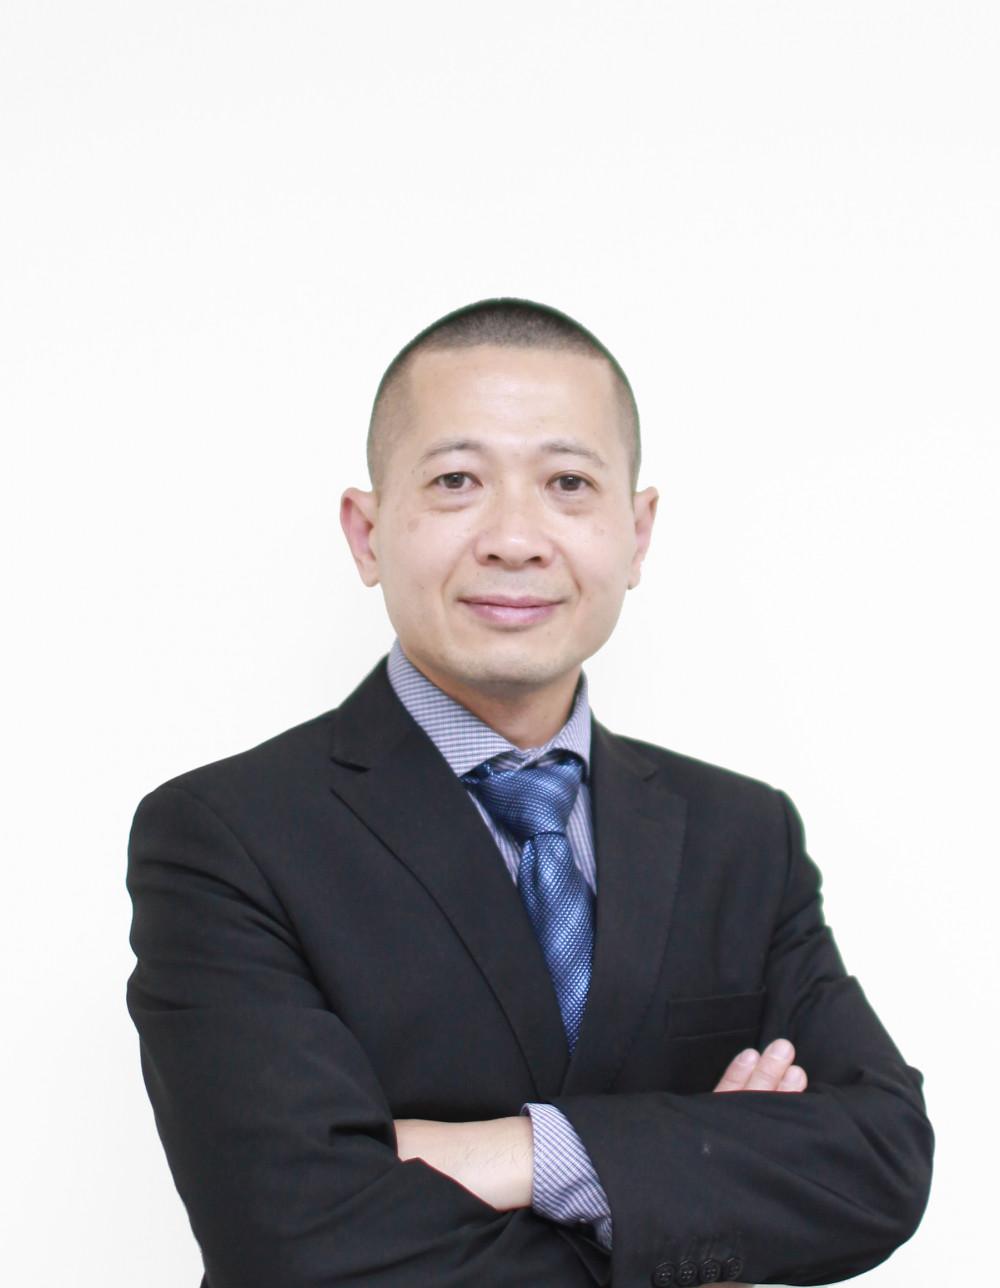 Ông Tạ Chiến - Tổng giám đốc Công ty cổ phần Môi giới bảo hiểm Bolttech Việt Nam